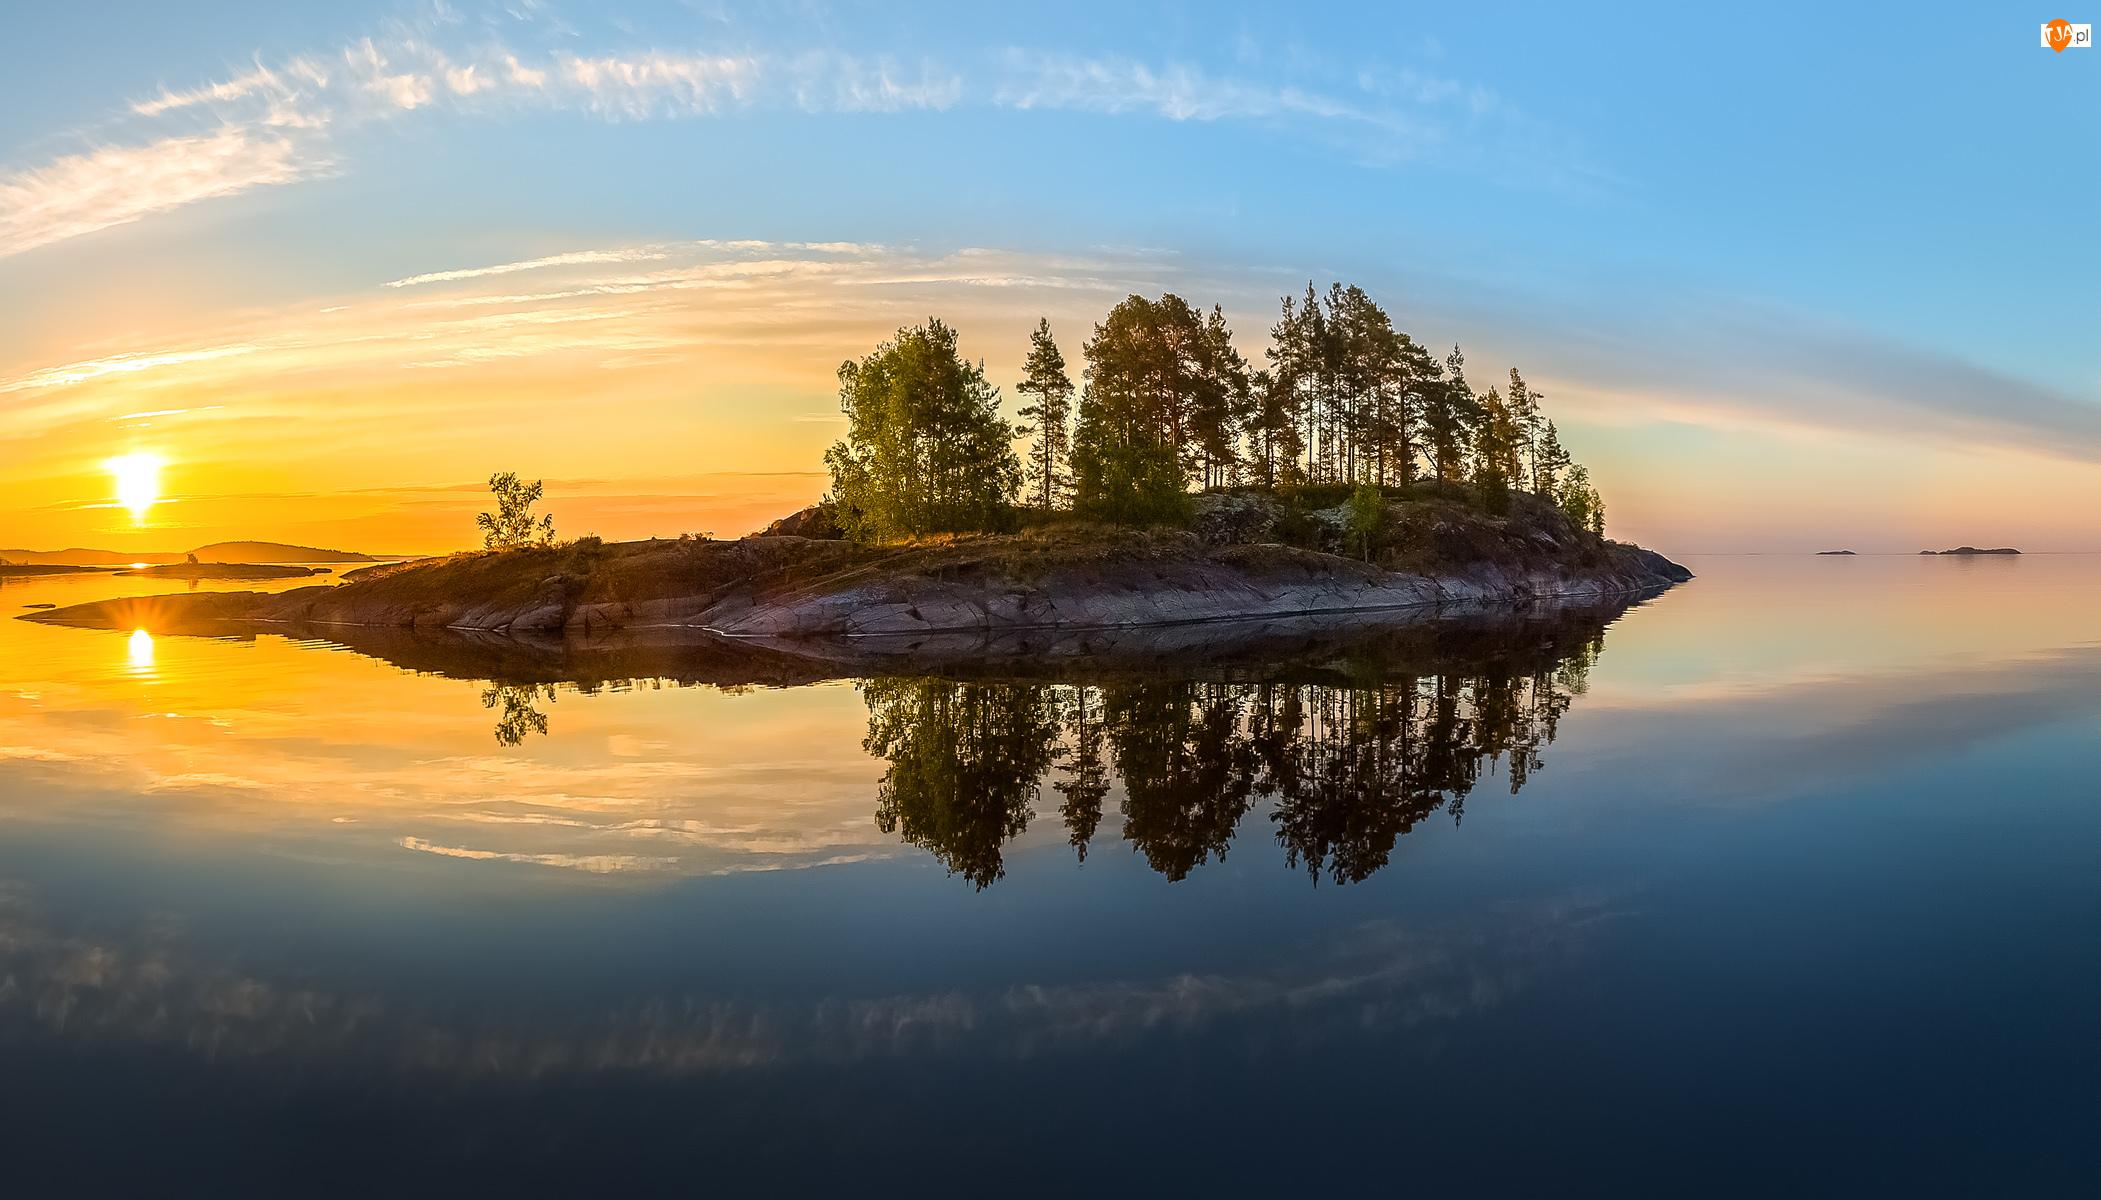 Wysepka, Jezioro Ładoda, Wschód słońca, Rosja, Drzewa, Karelia